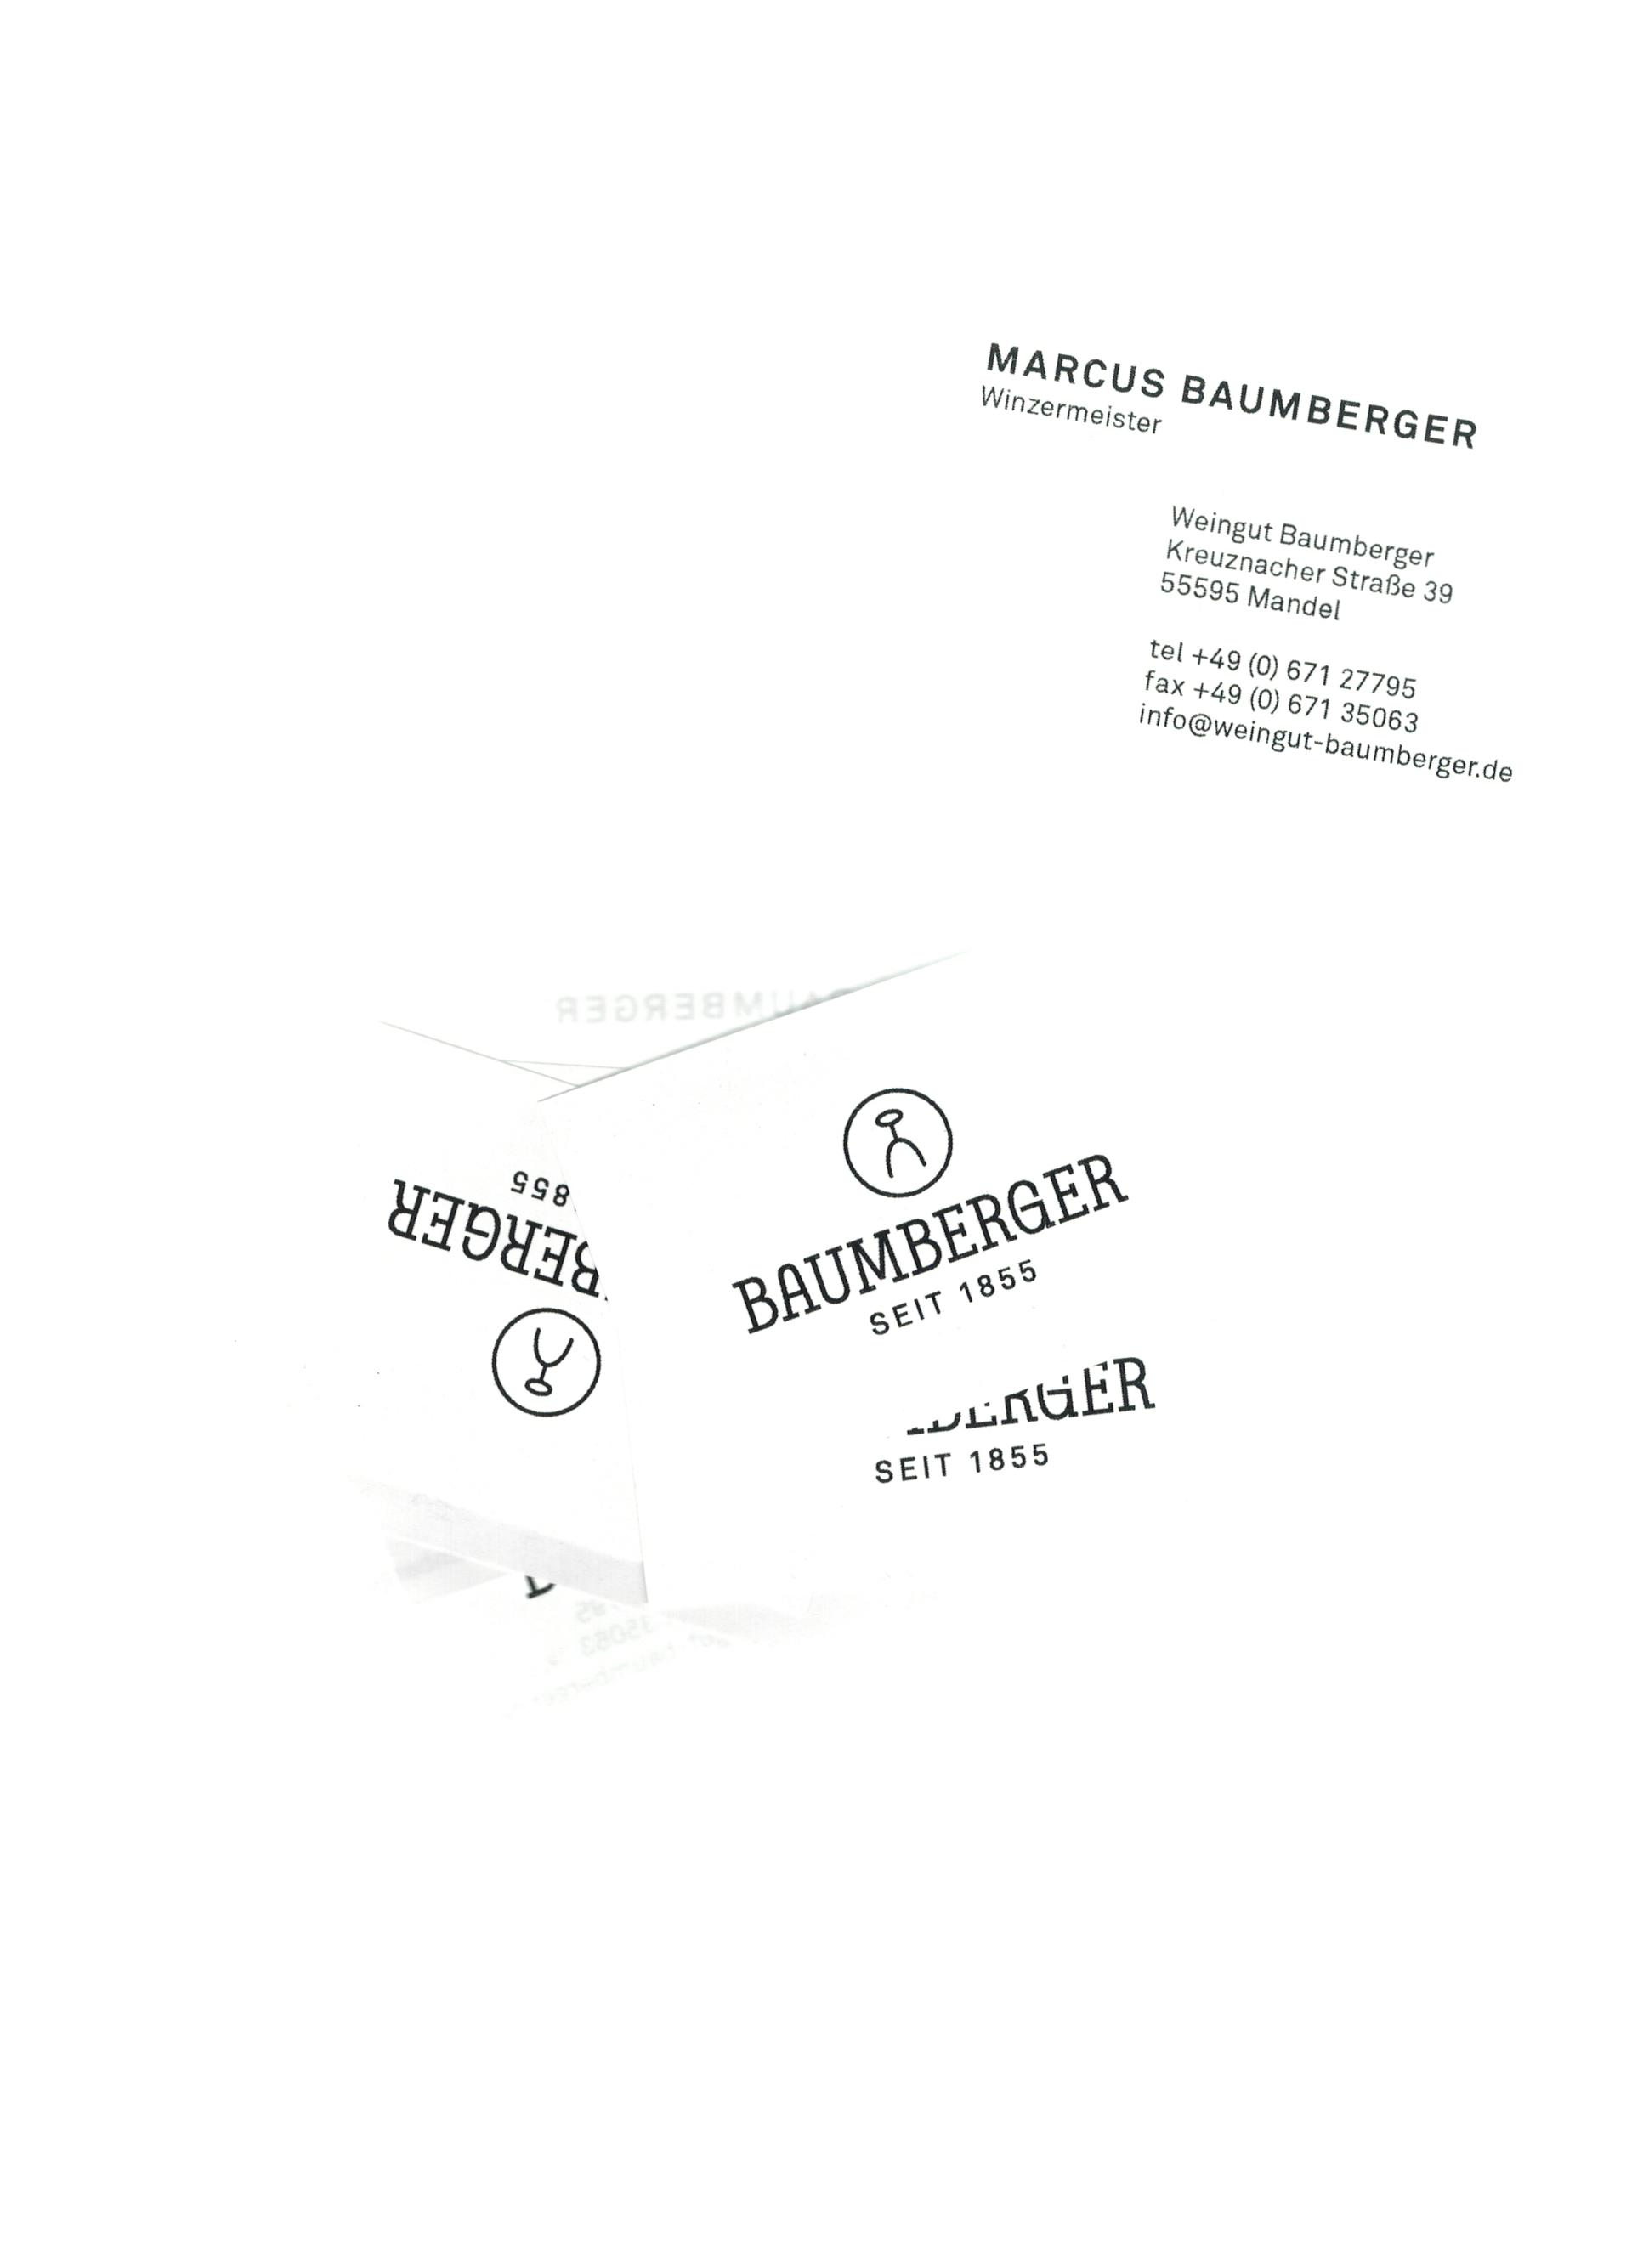 PAULINE BAUMBERGER Weingut Baumberger